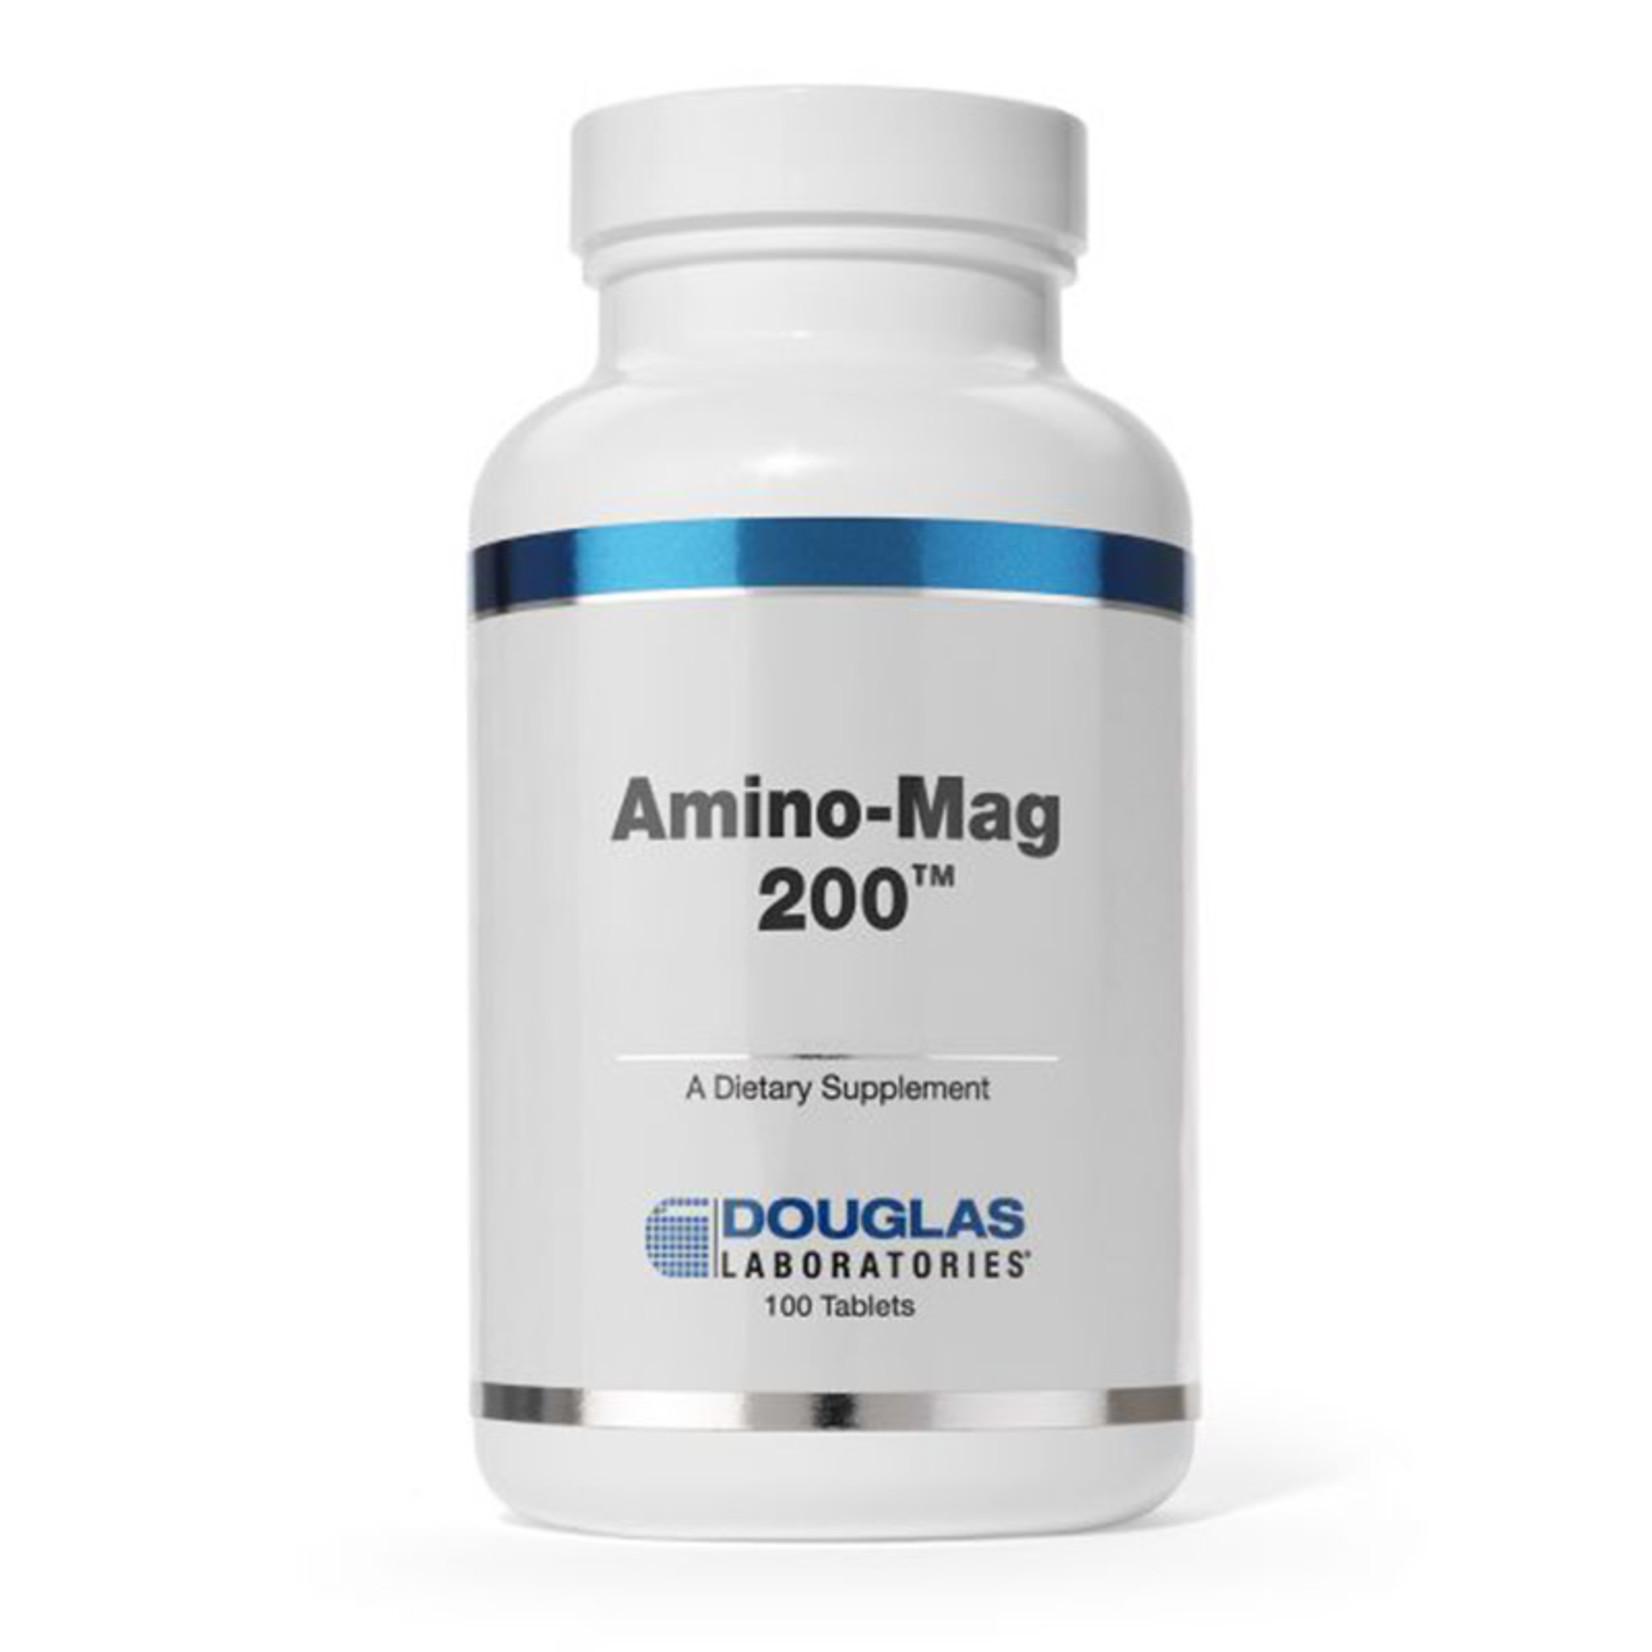 Amino-Mag 200 mg